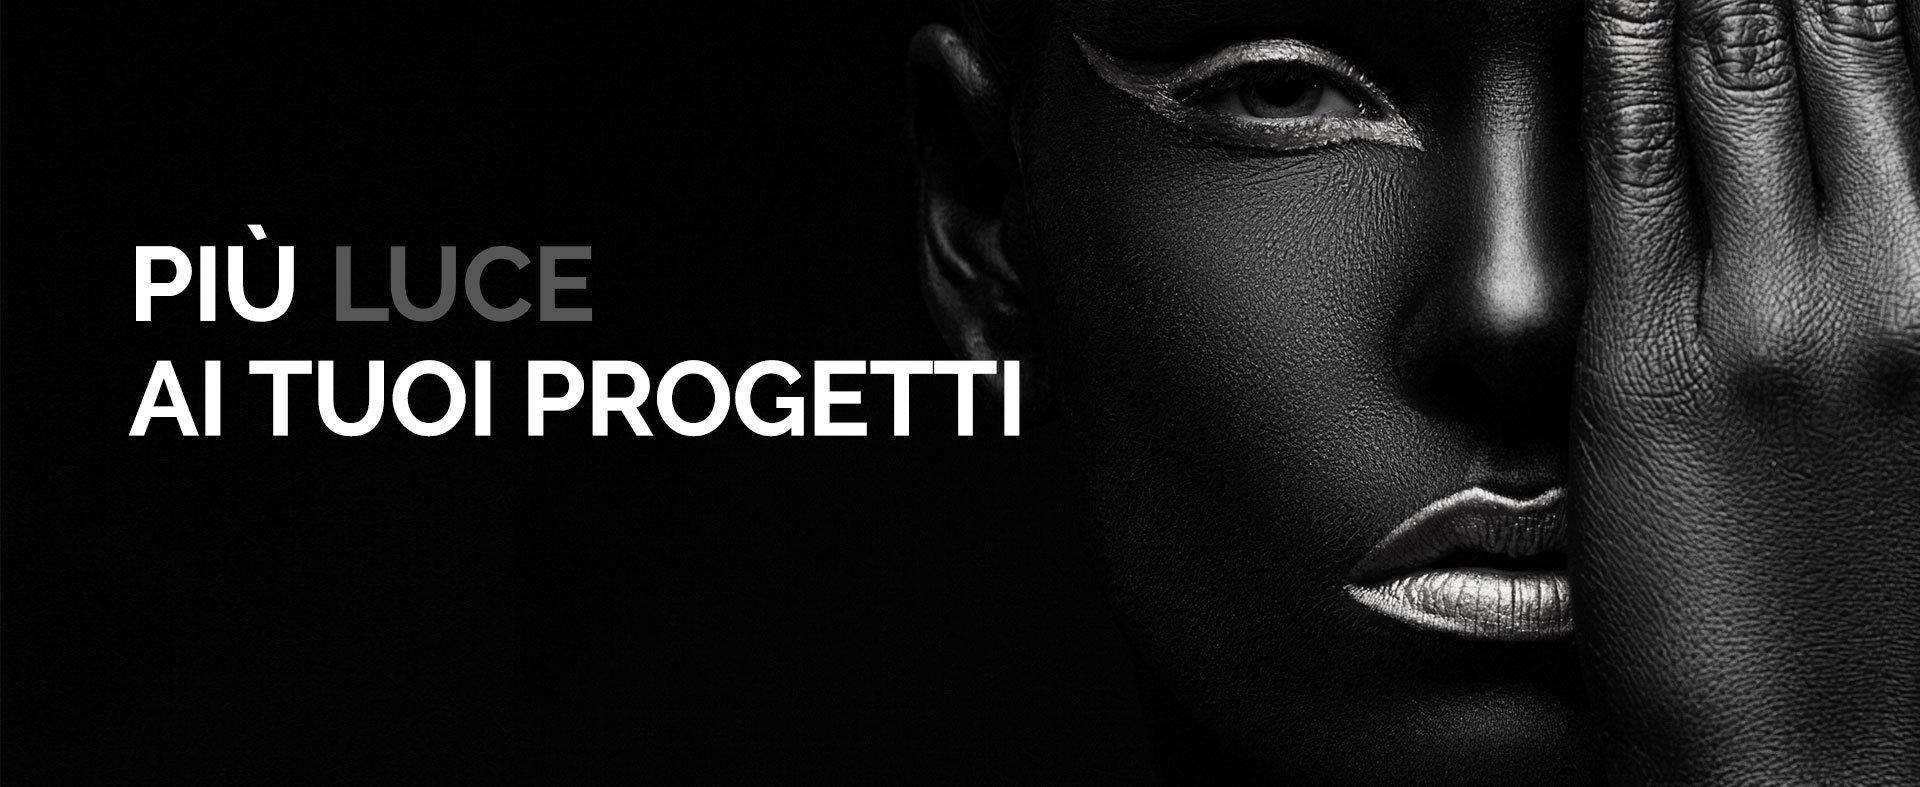 Tipografia luce pi luce ai tuoi progetti for Progetta i tuoi progetti gratuitamente